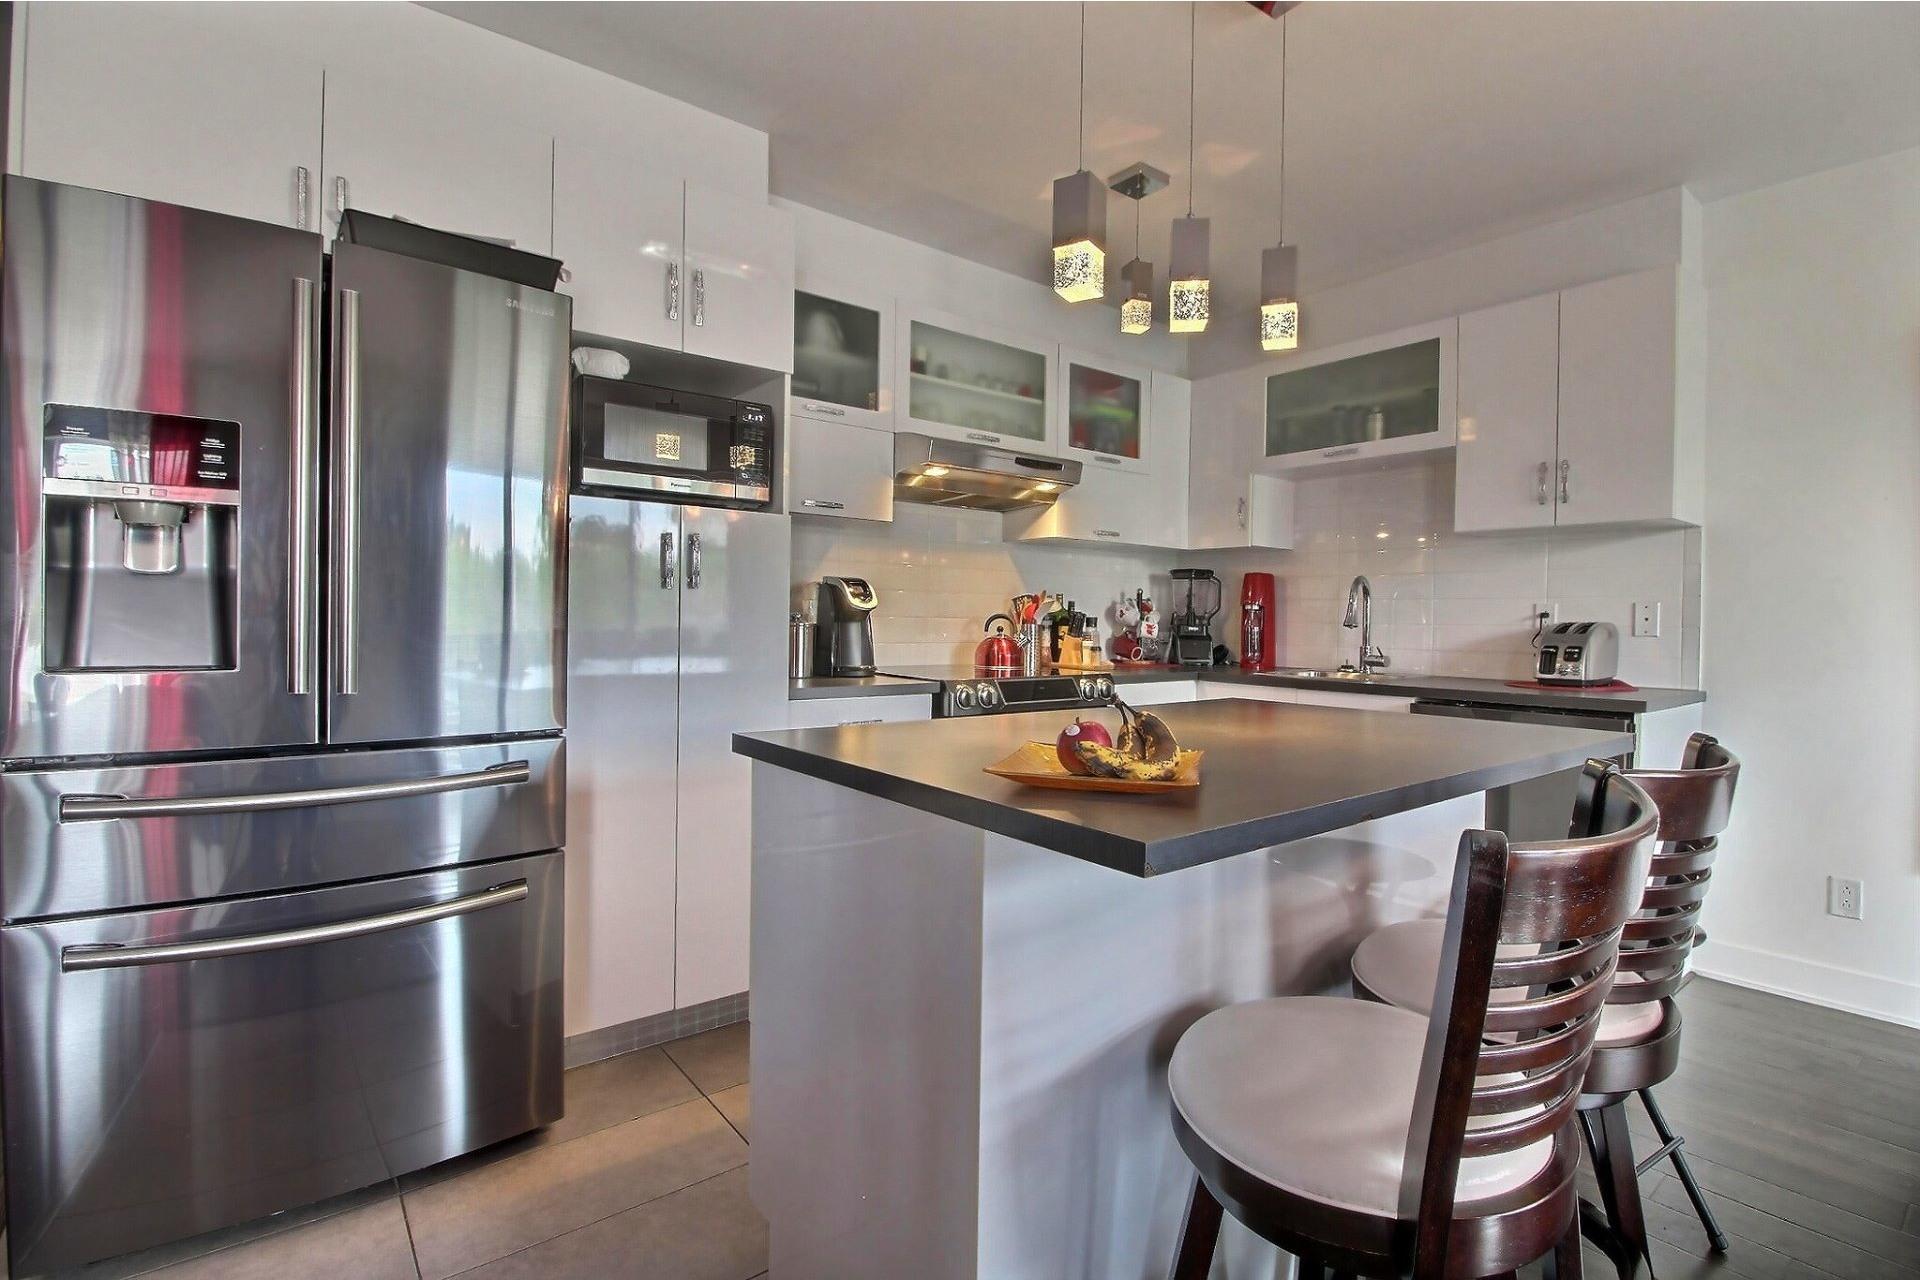 image 6 - Apartment For sale Rivière-des-Prairies/Pointe-aux-Trembles Montréal  - 9 rooms